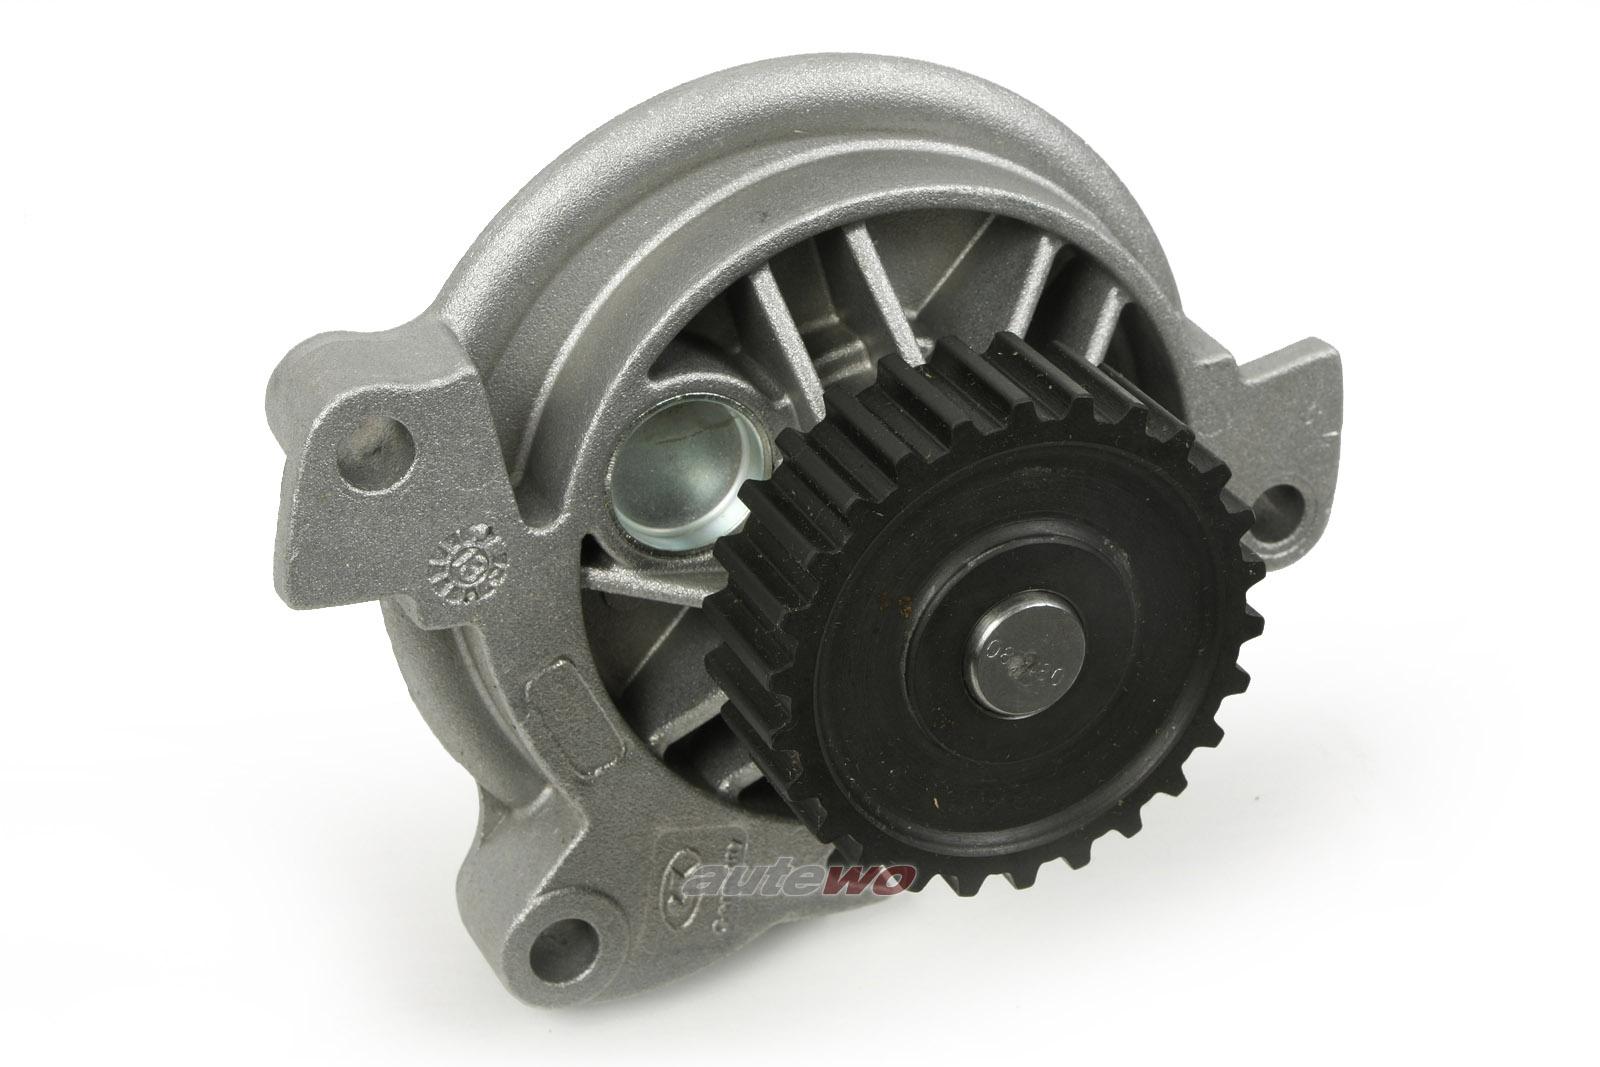 NEU Audi RS2 Wasserpumpe 26 Zähne PK Motorsport entspricht 034121004BX